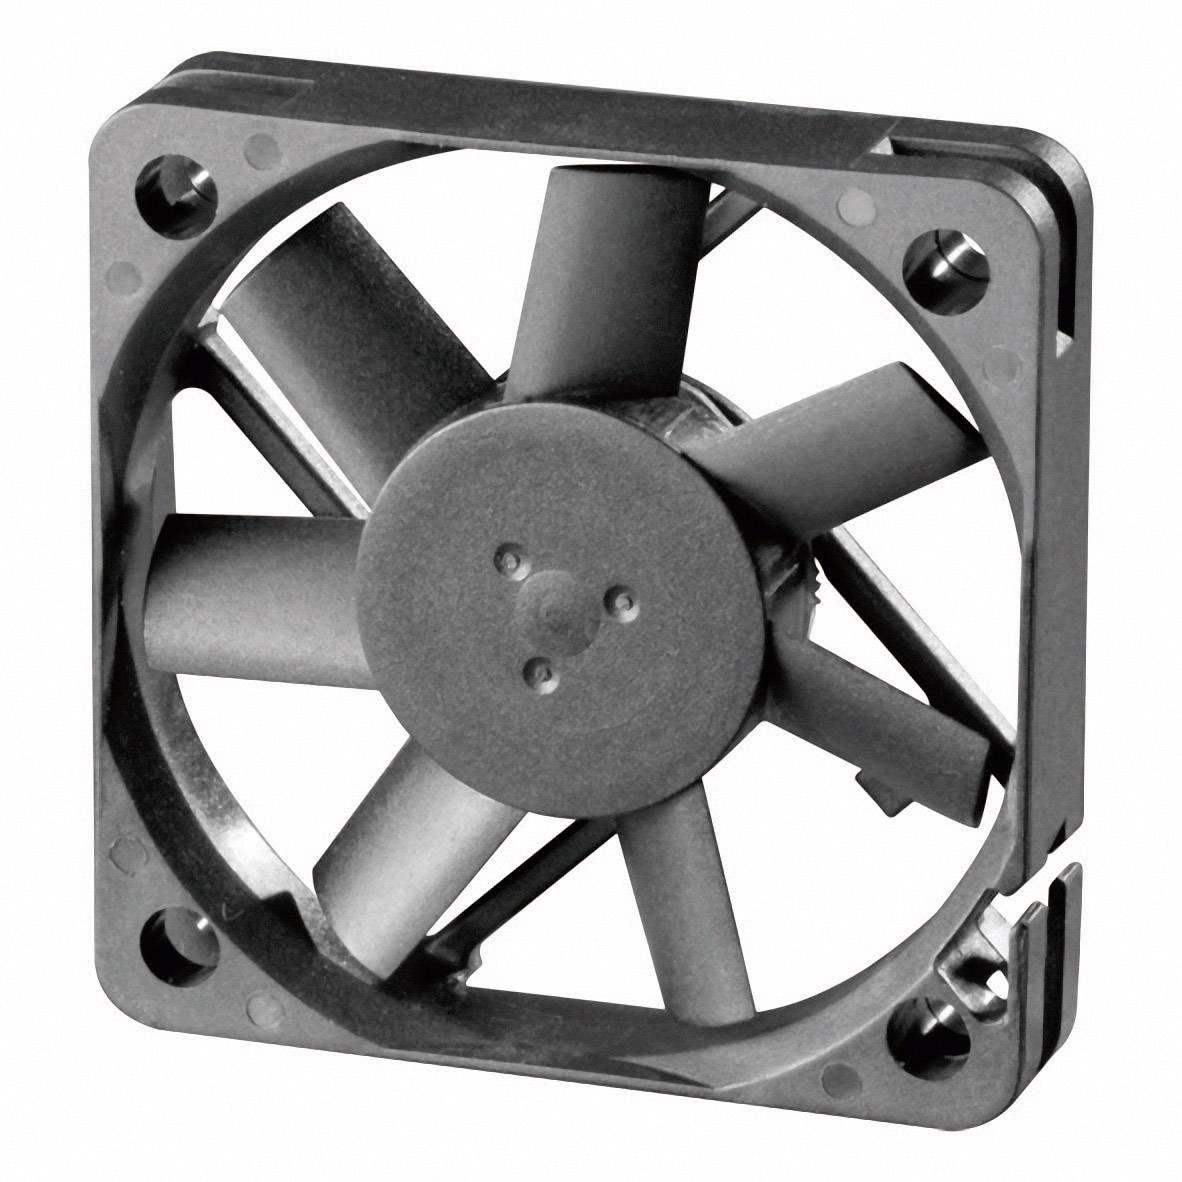 Axiálny ventilátor Sunon ME50100V1-000U-A99 ME50100V1-000U-A99, 5 V/DC, 30 dB, (d x š x v) 50 x 50 x 10 mm